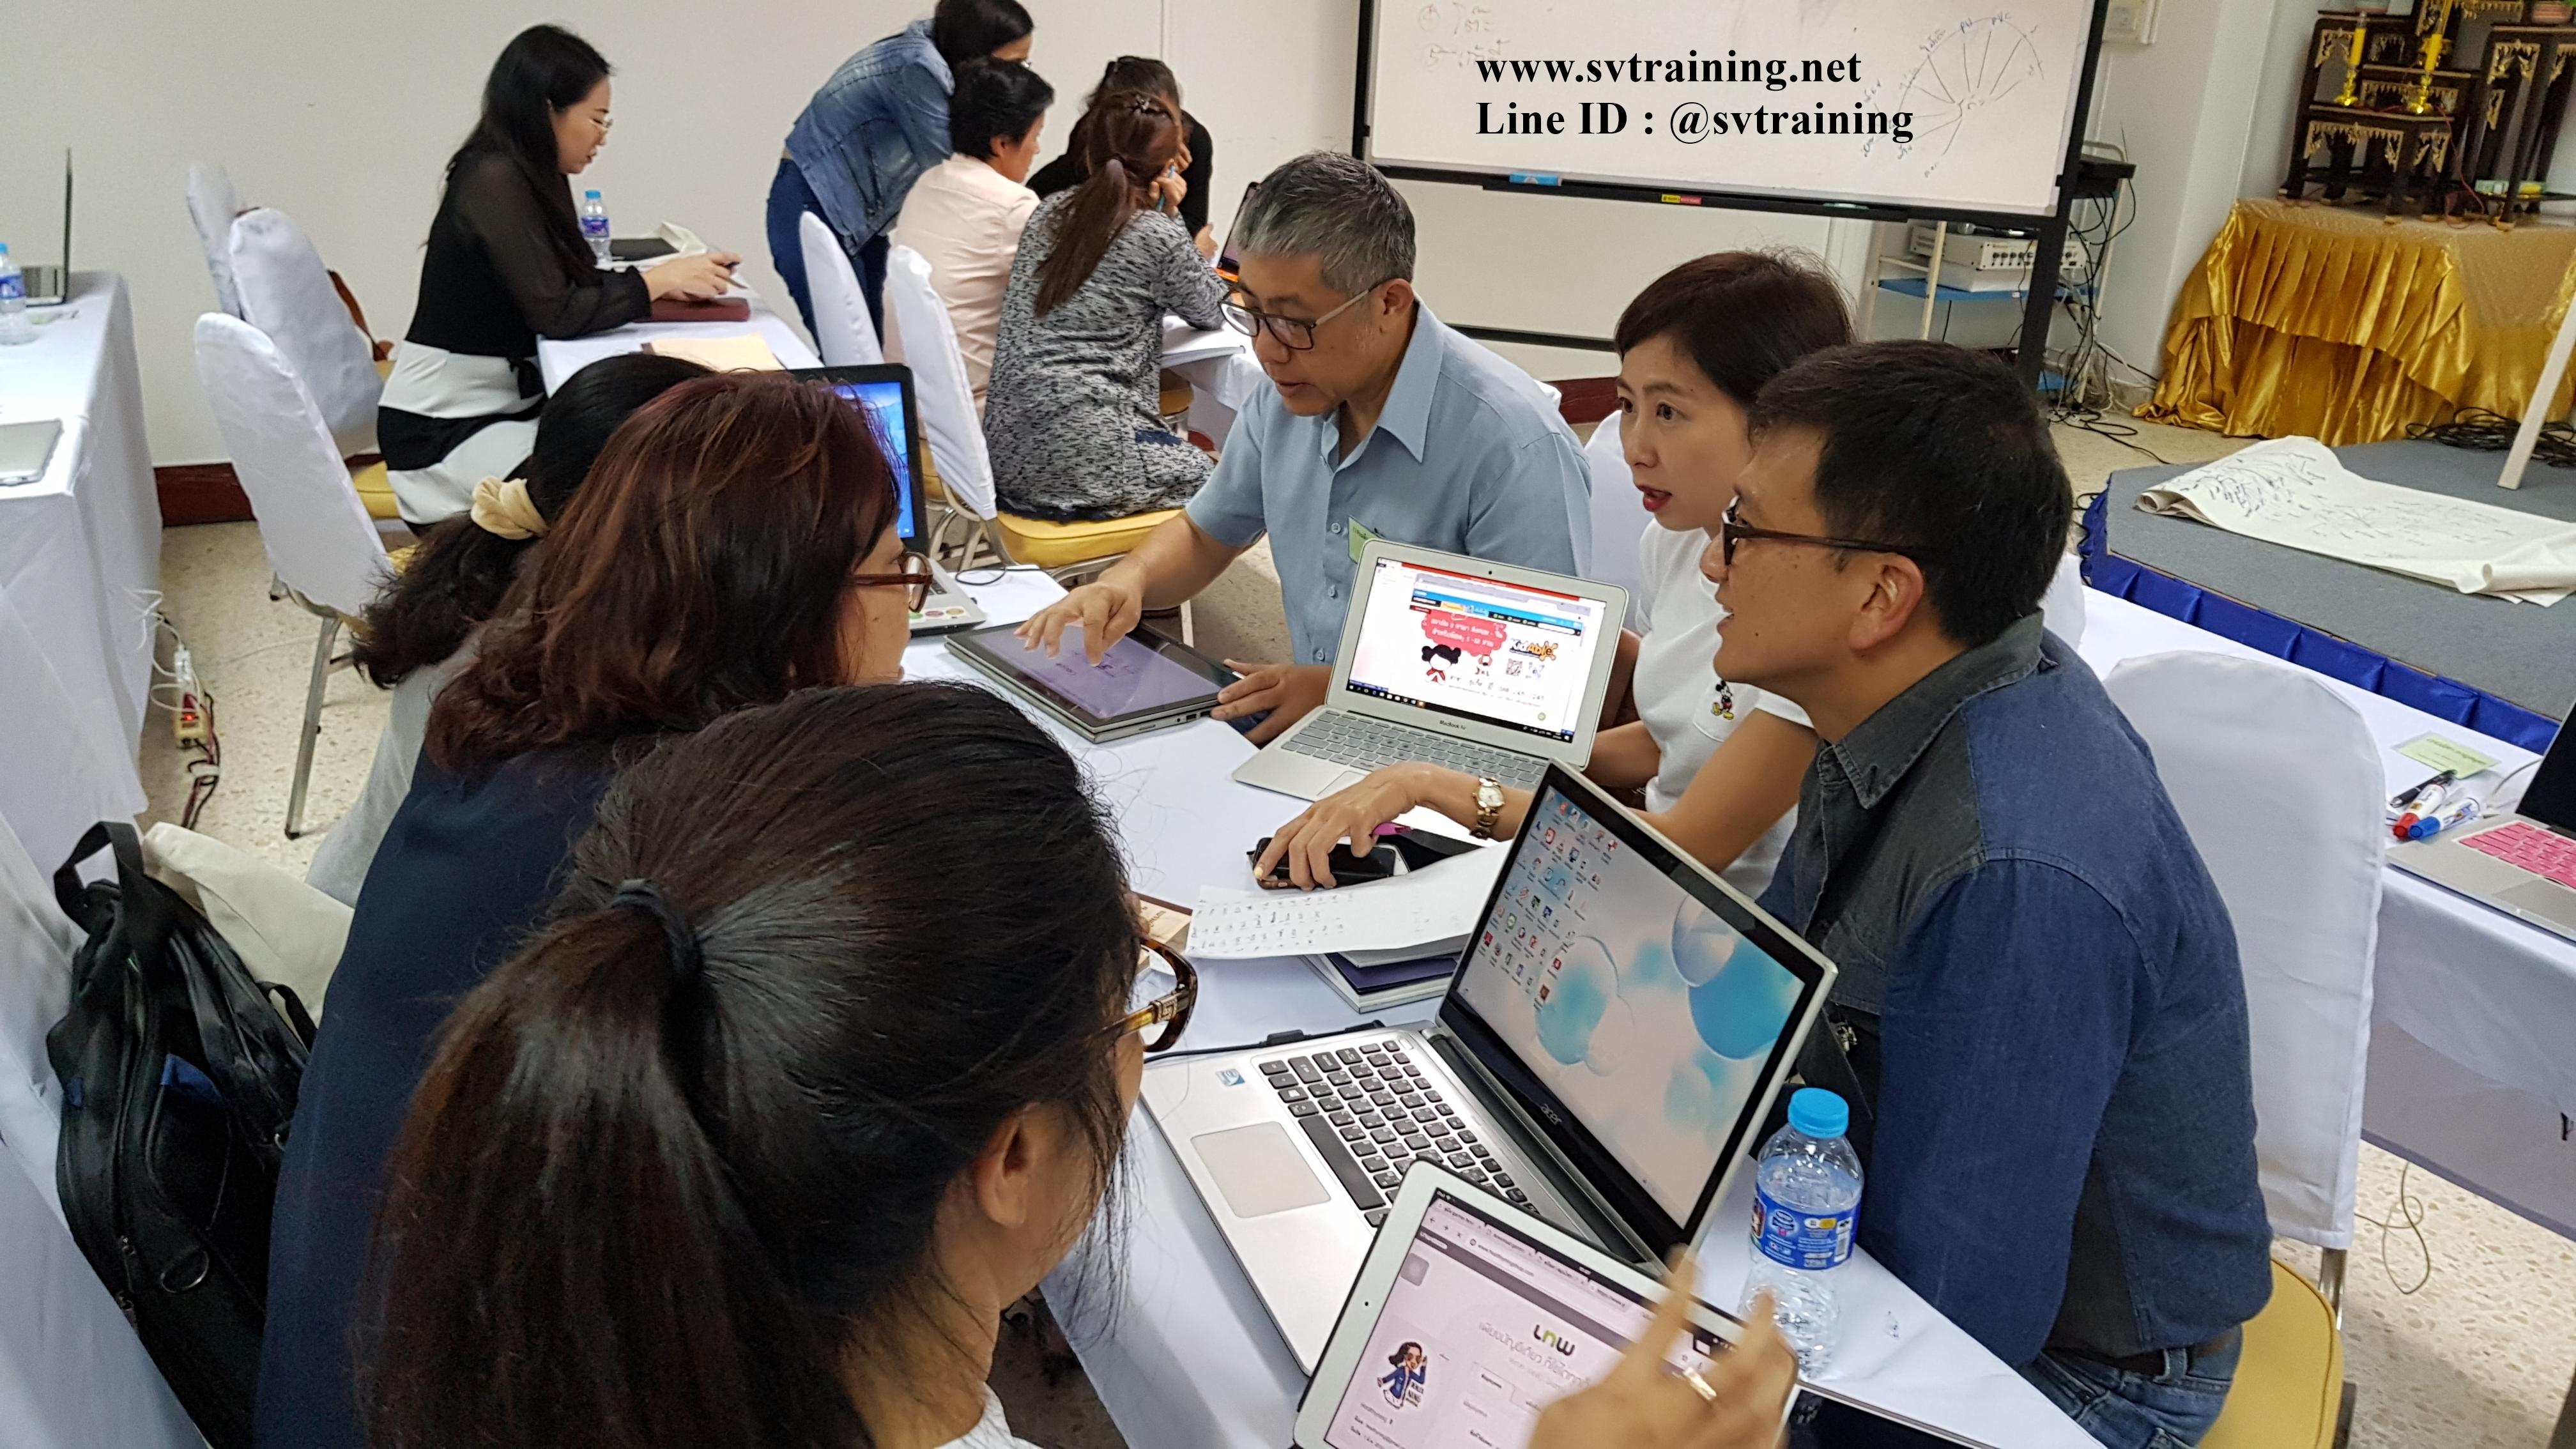 หลักสูตร Digital Marketing เพื่อธุรกิจโดยอาจารย์ใบตอง